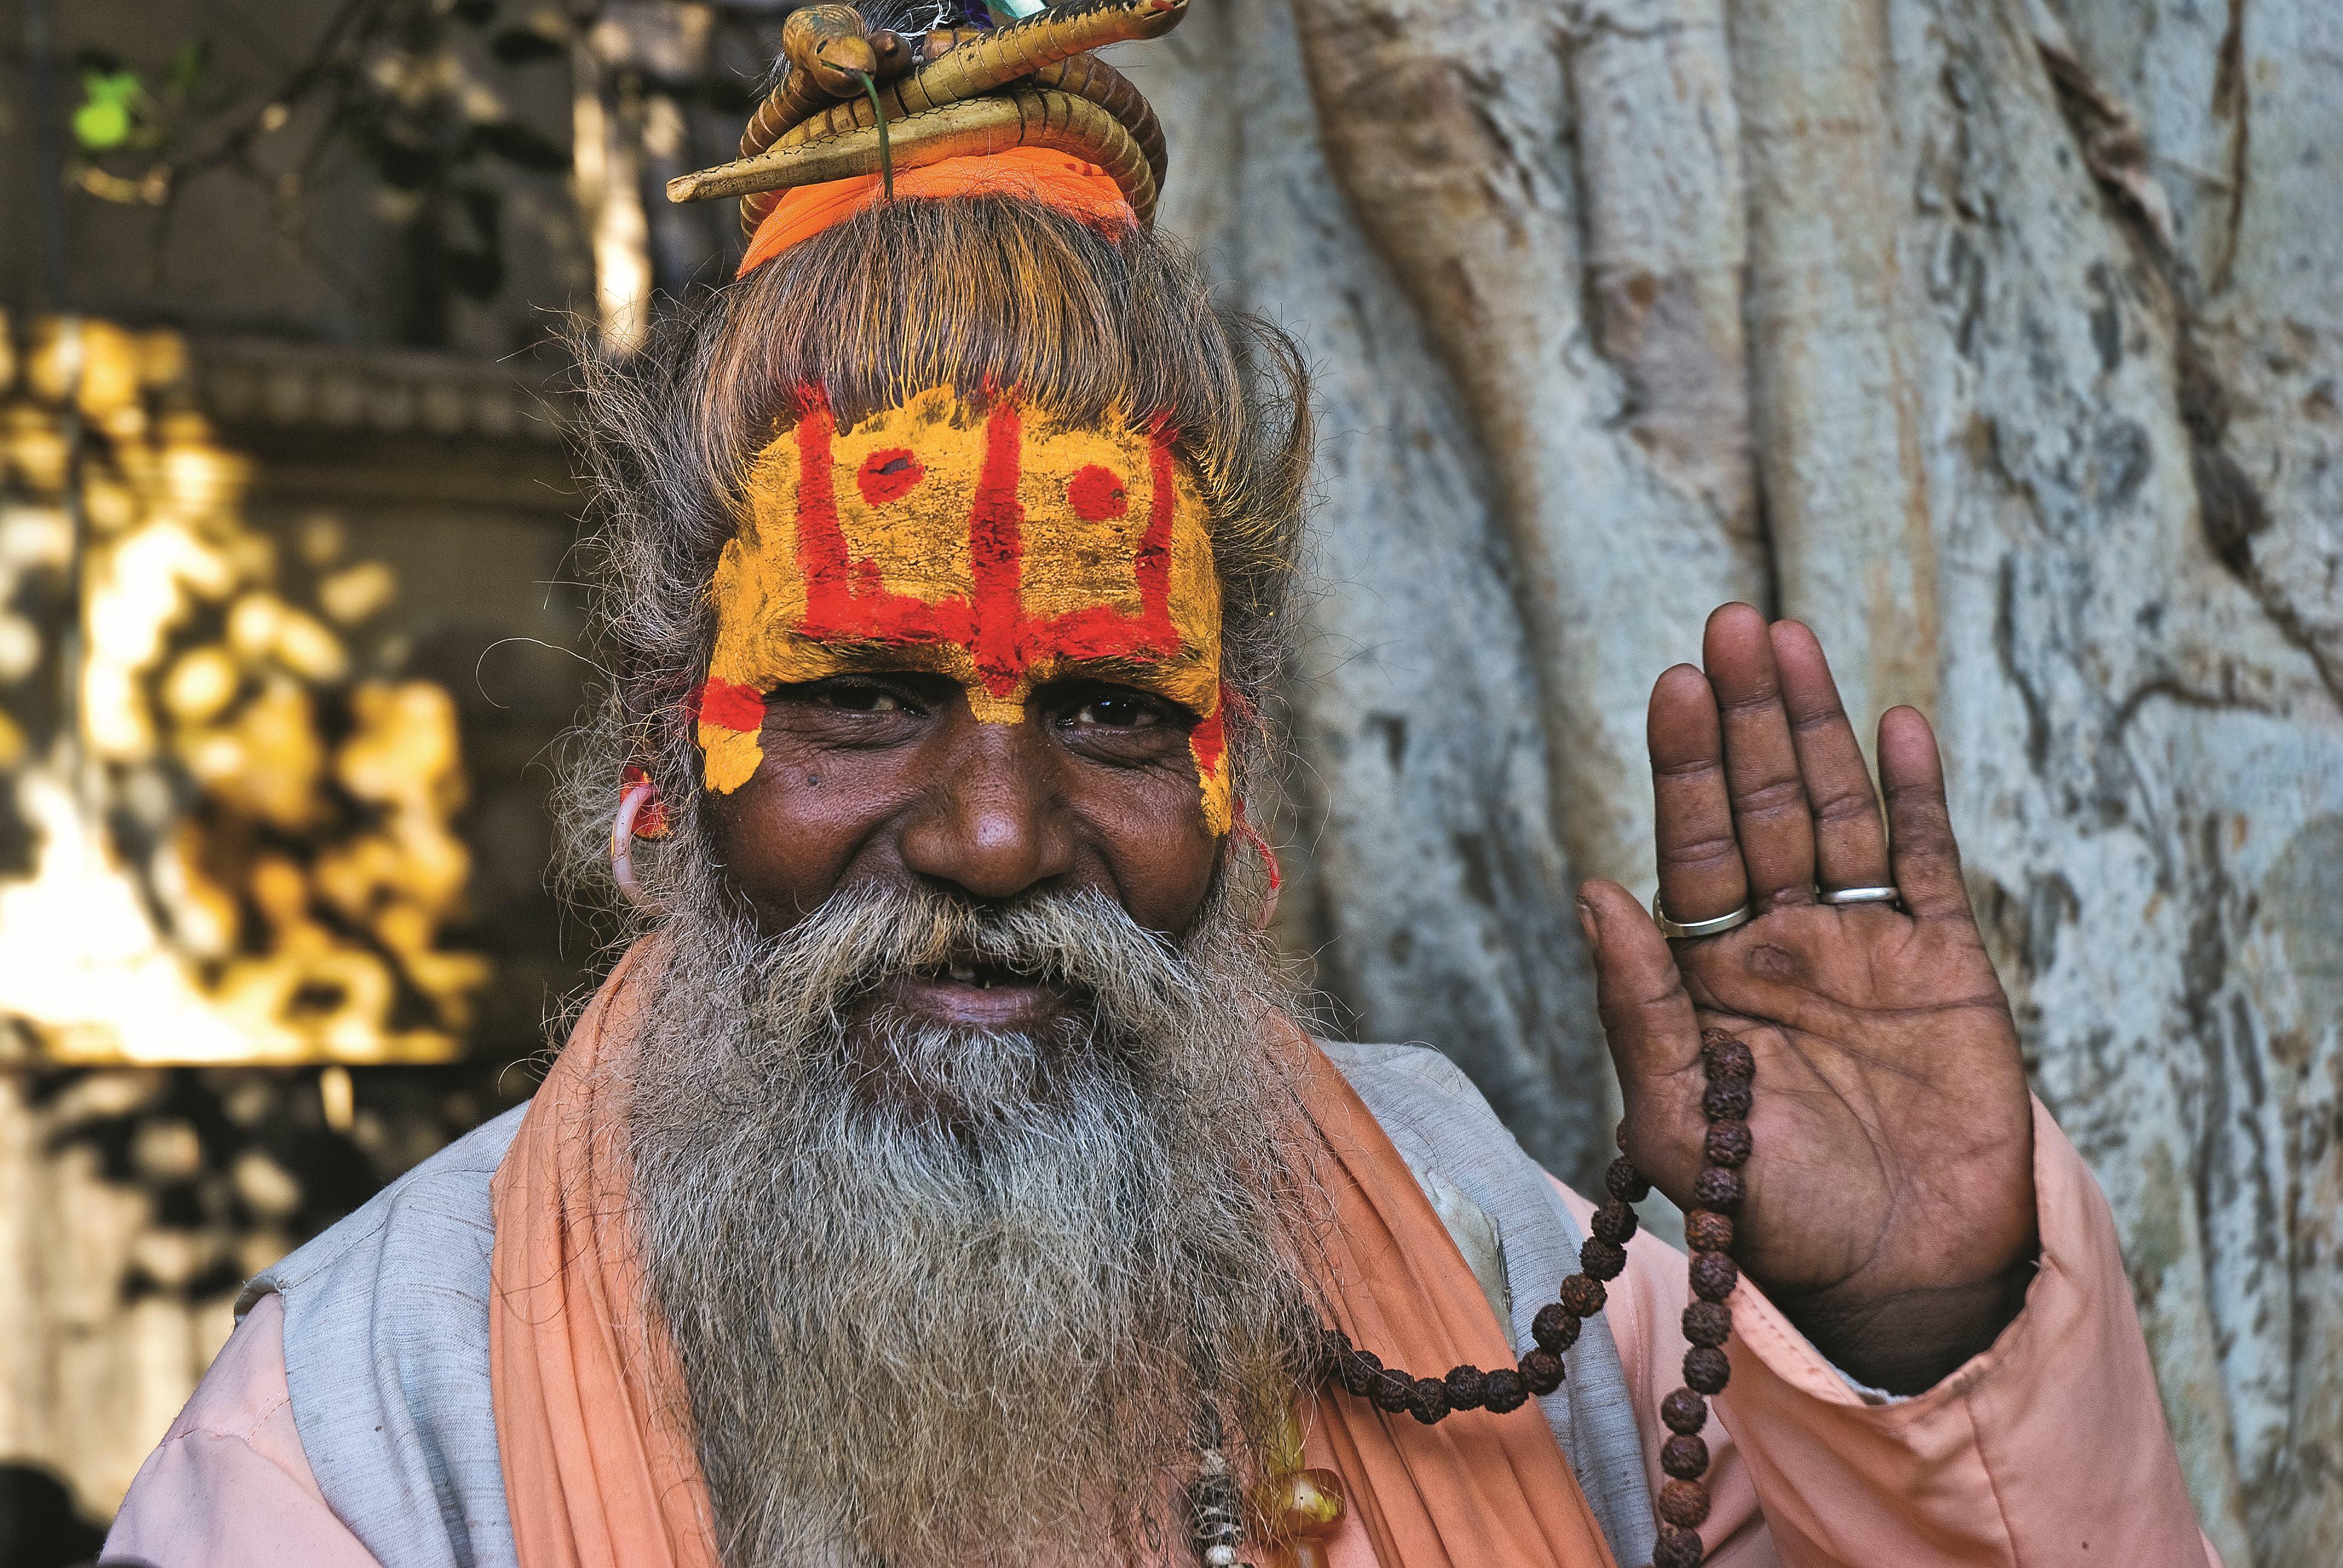 Indien: Rajasthan – Die ausführliche Reise